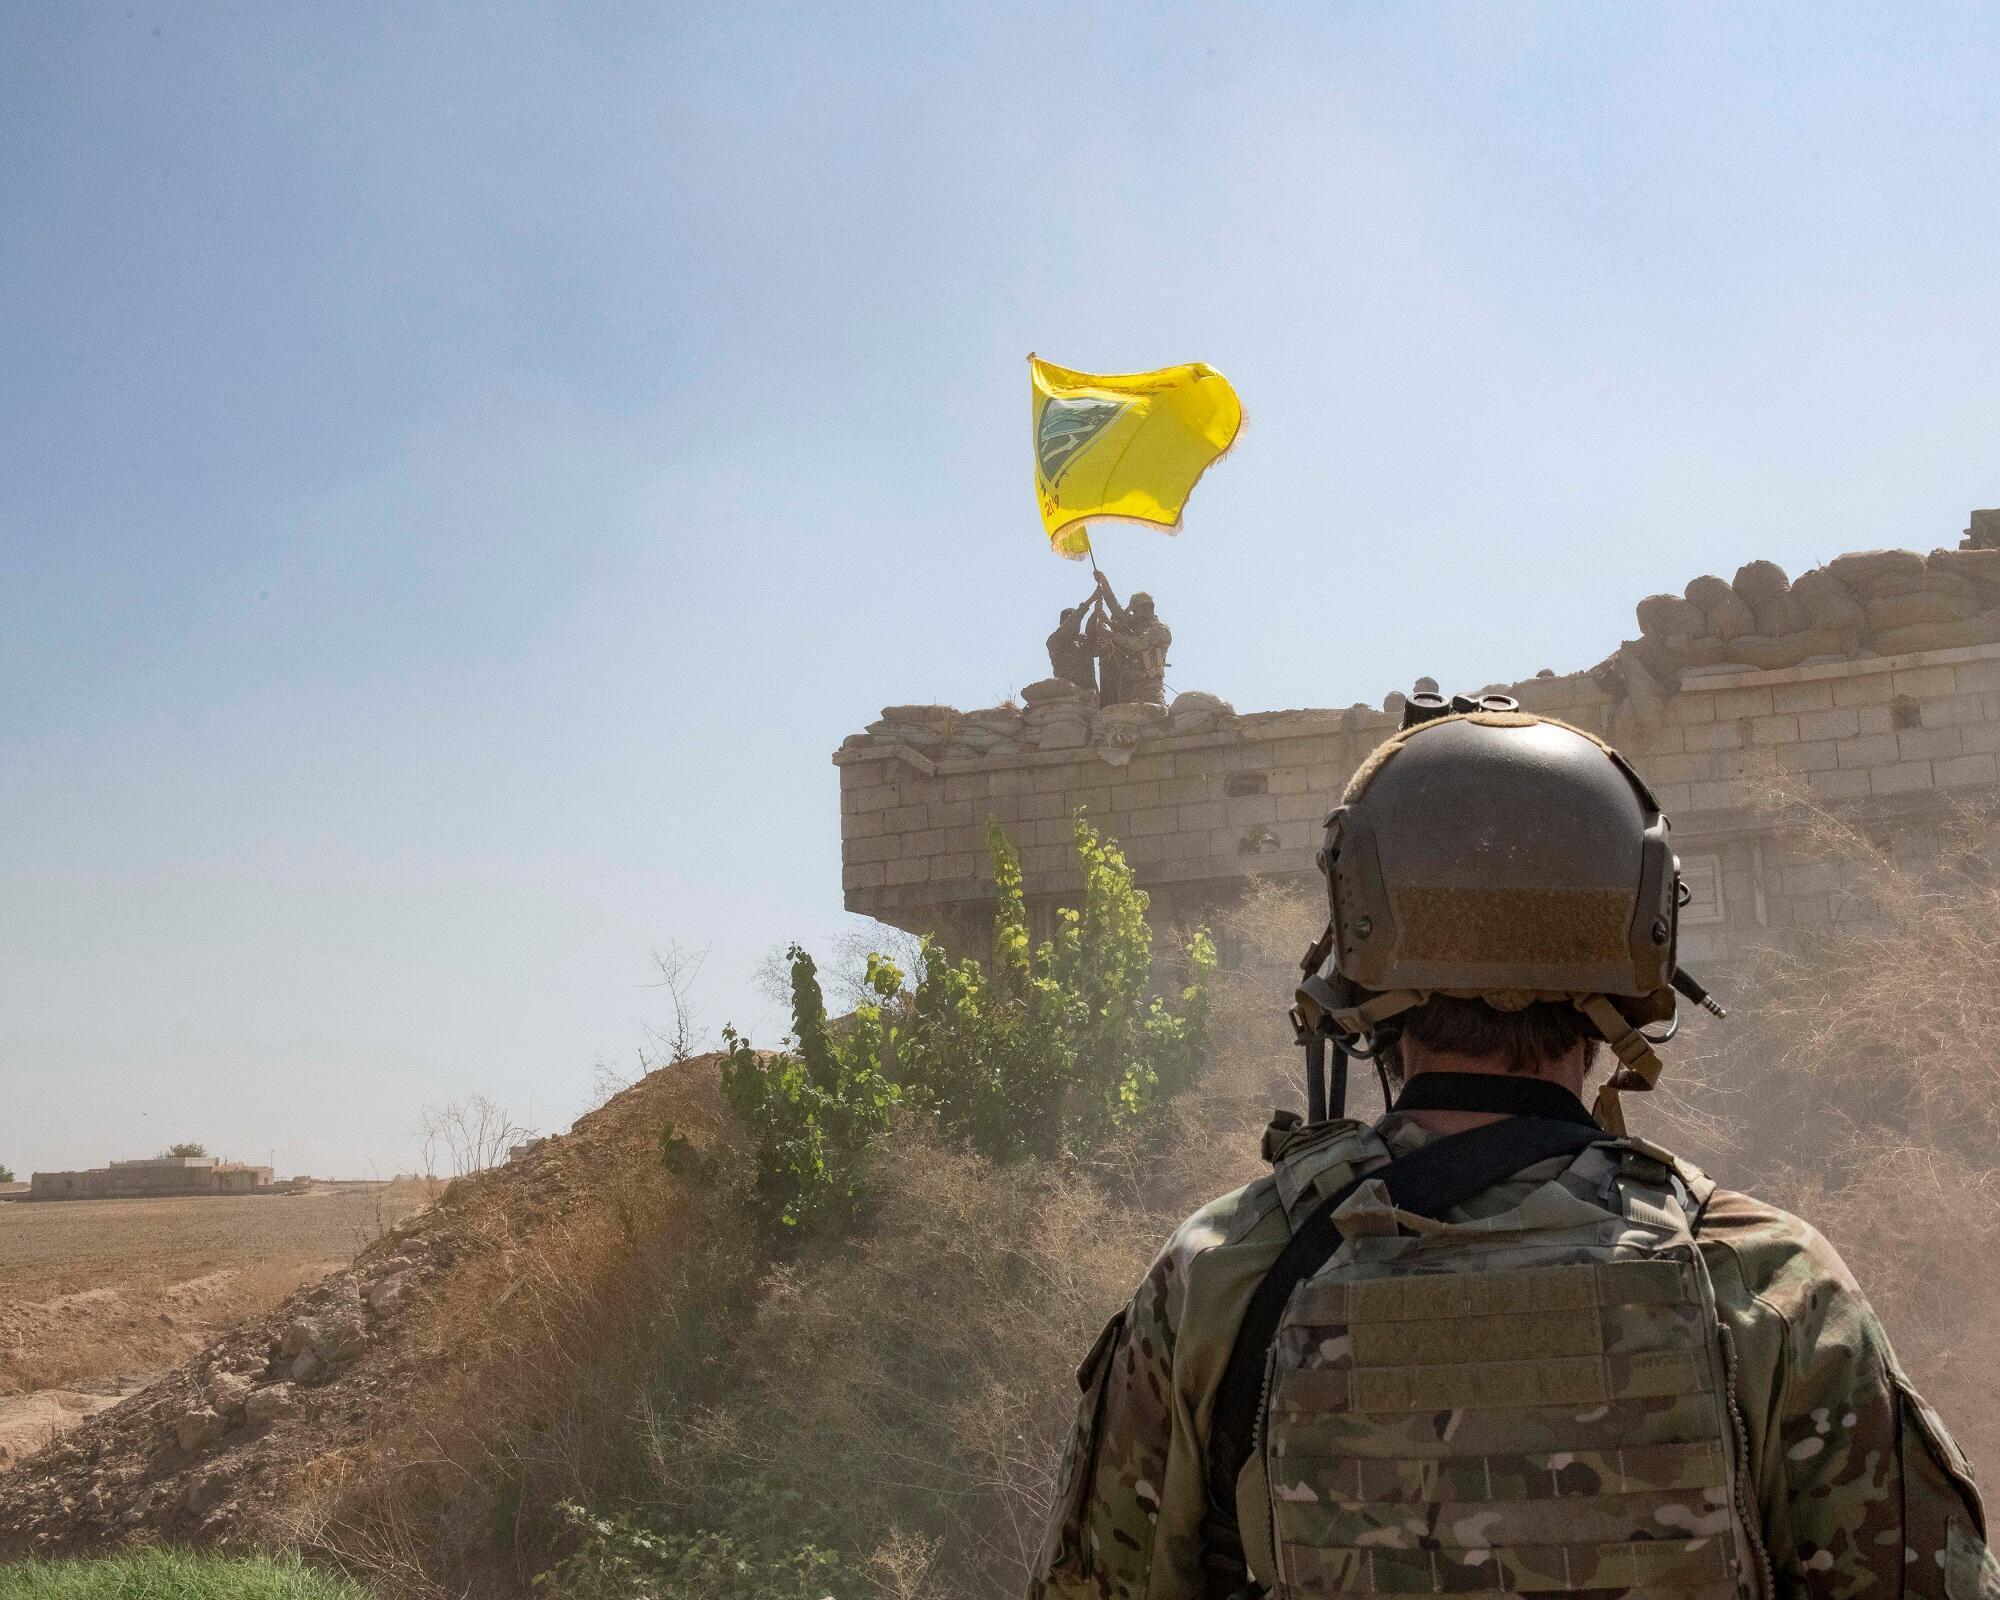 Un soldat américain supervise des membres des Forces démocratiques syriennes à Tal Abyad, le 21 septembre 2019.